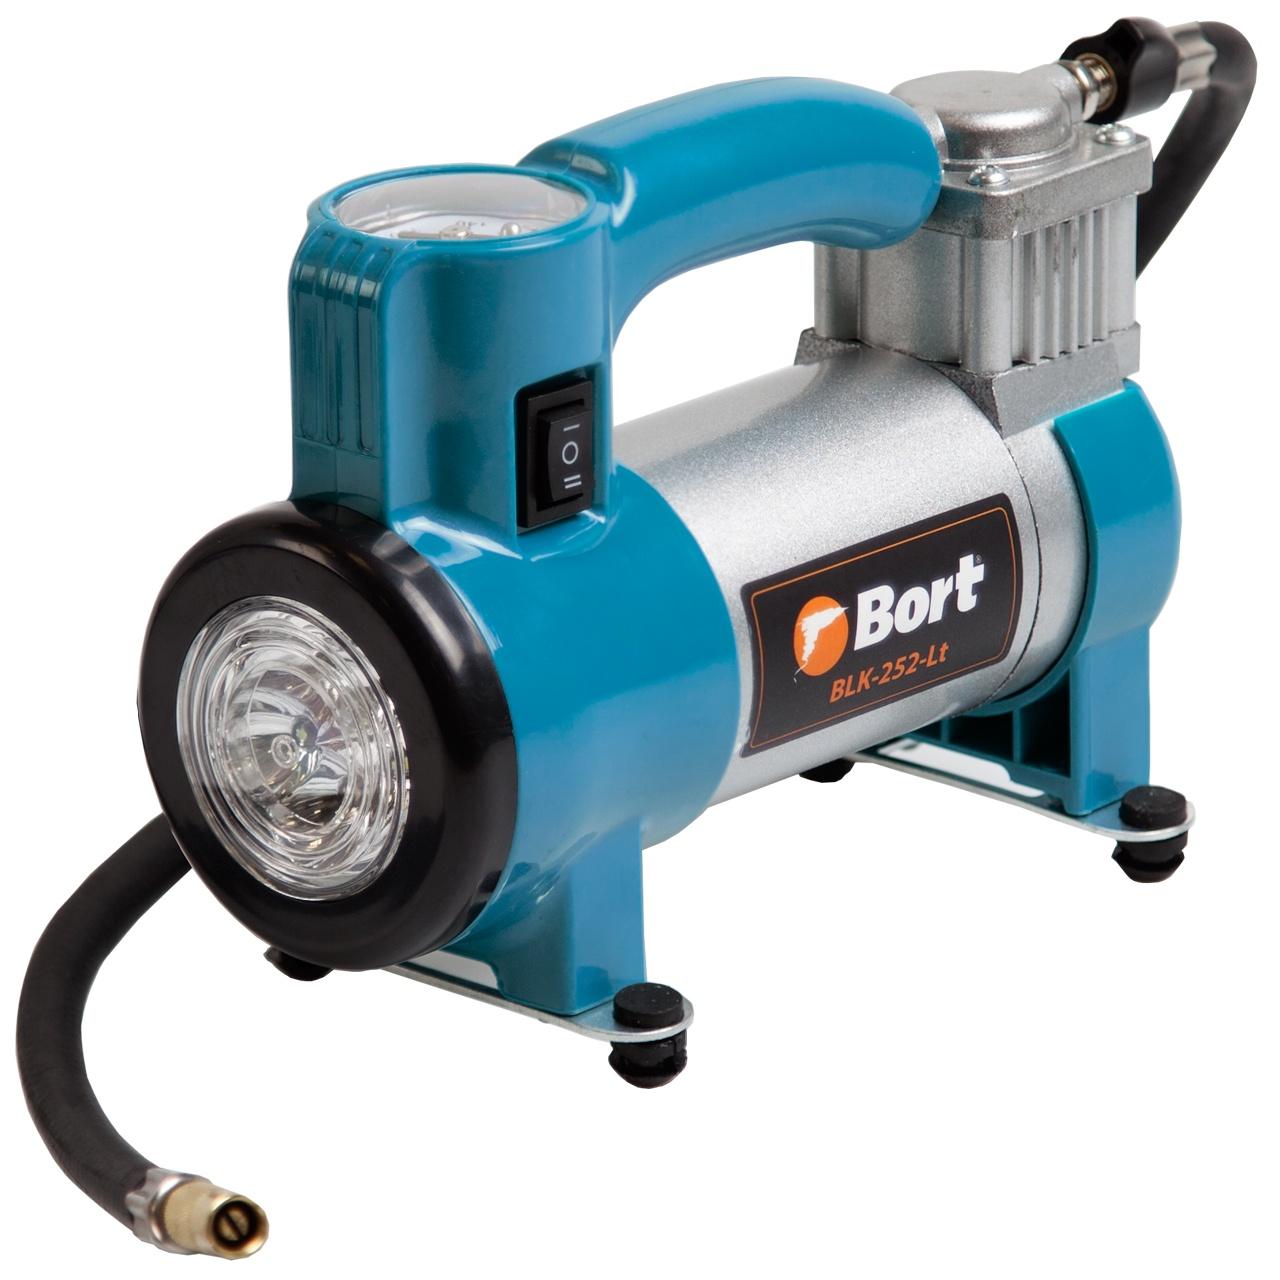 Автомобильный компрессор Bort BLK-252-LT автомобильный компрессор bort blk 350